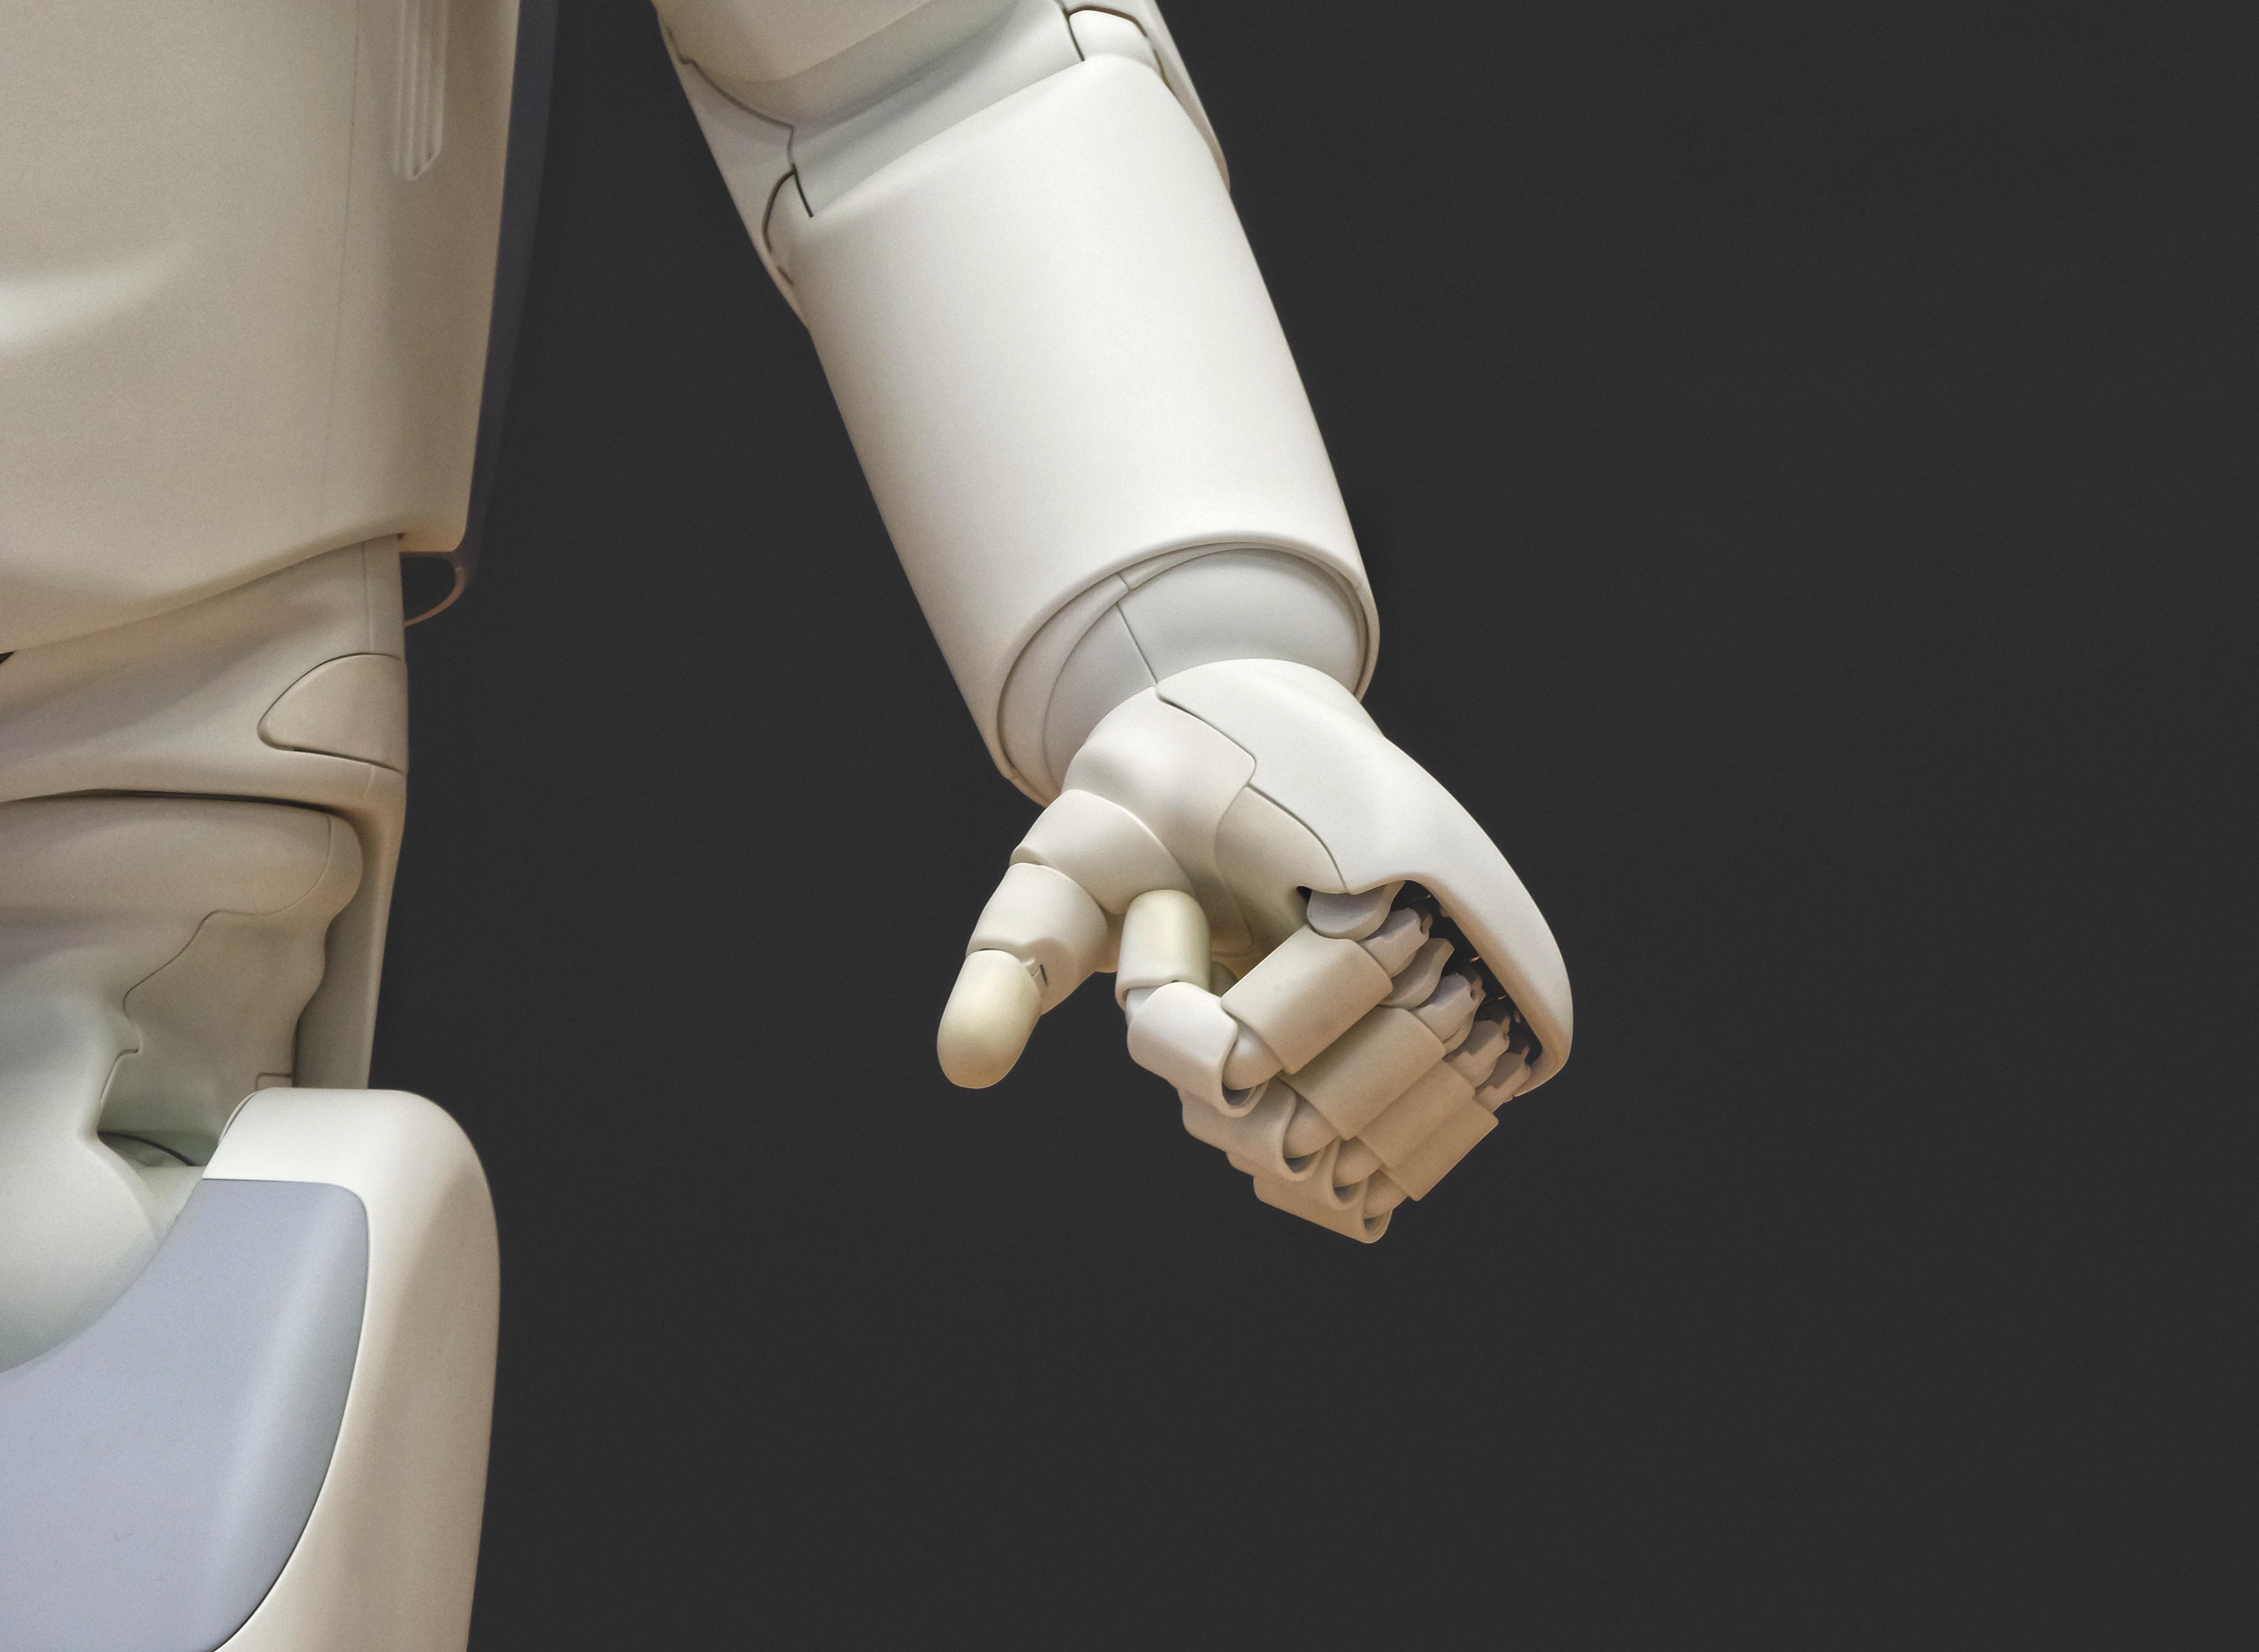 Les banques sont-elles prêtes pour l'IA ?